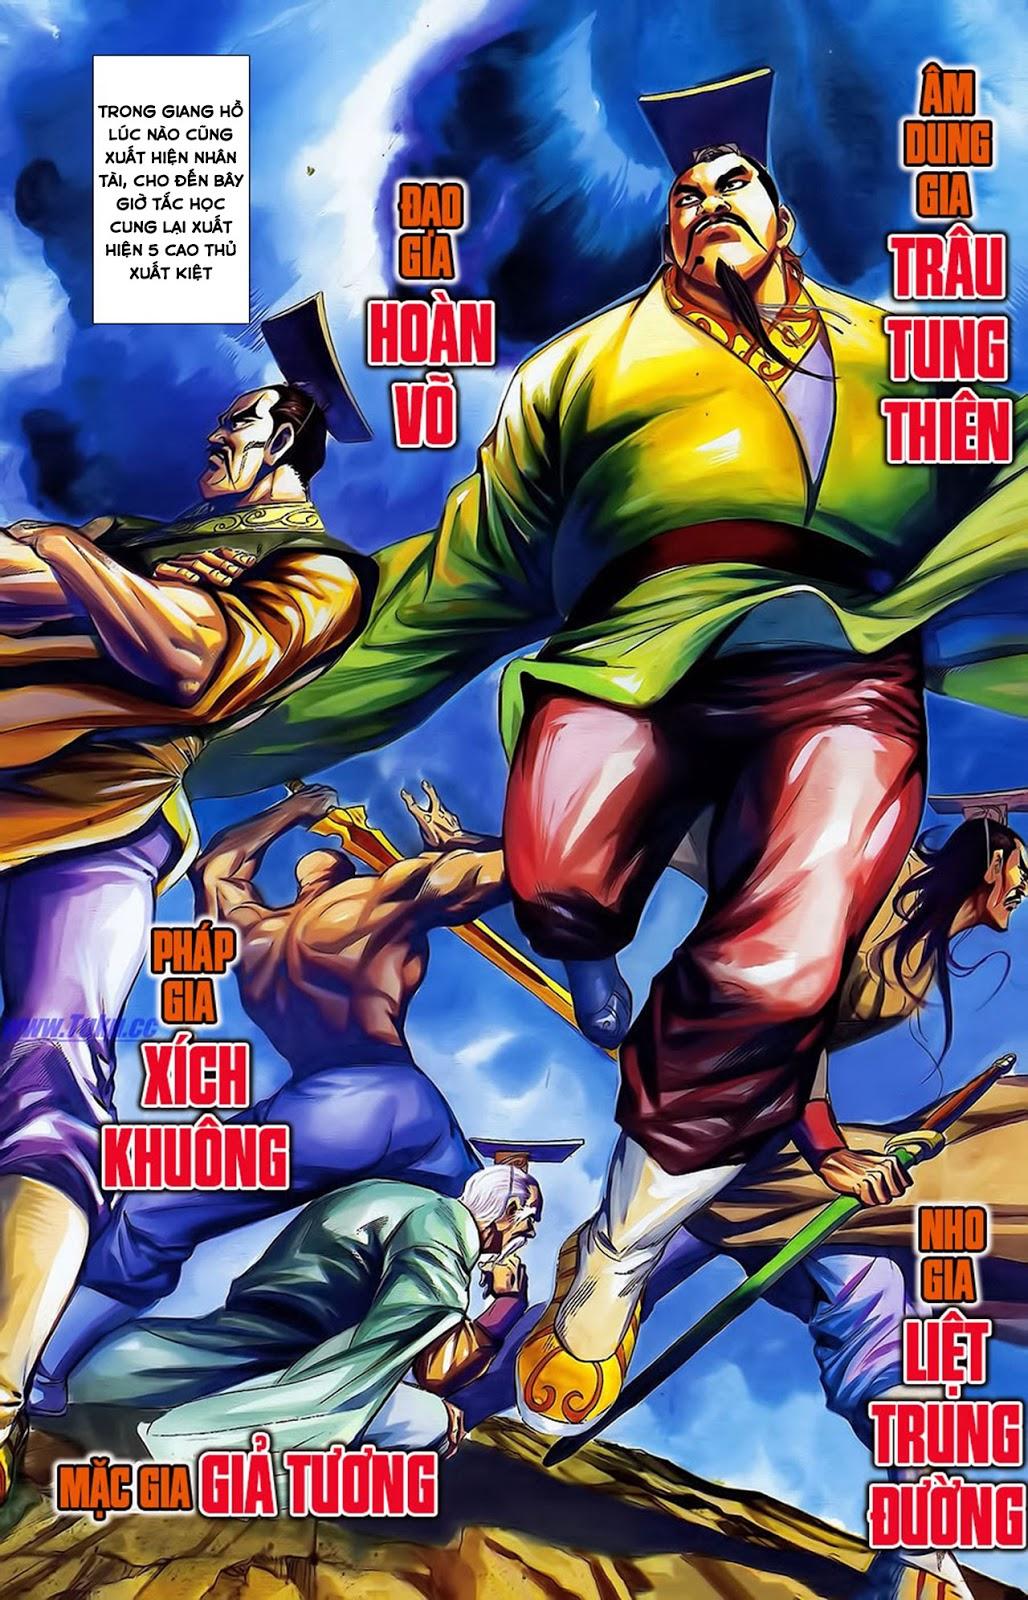 Tần Vương Doanh Chính chapter 15 trang 10